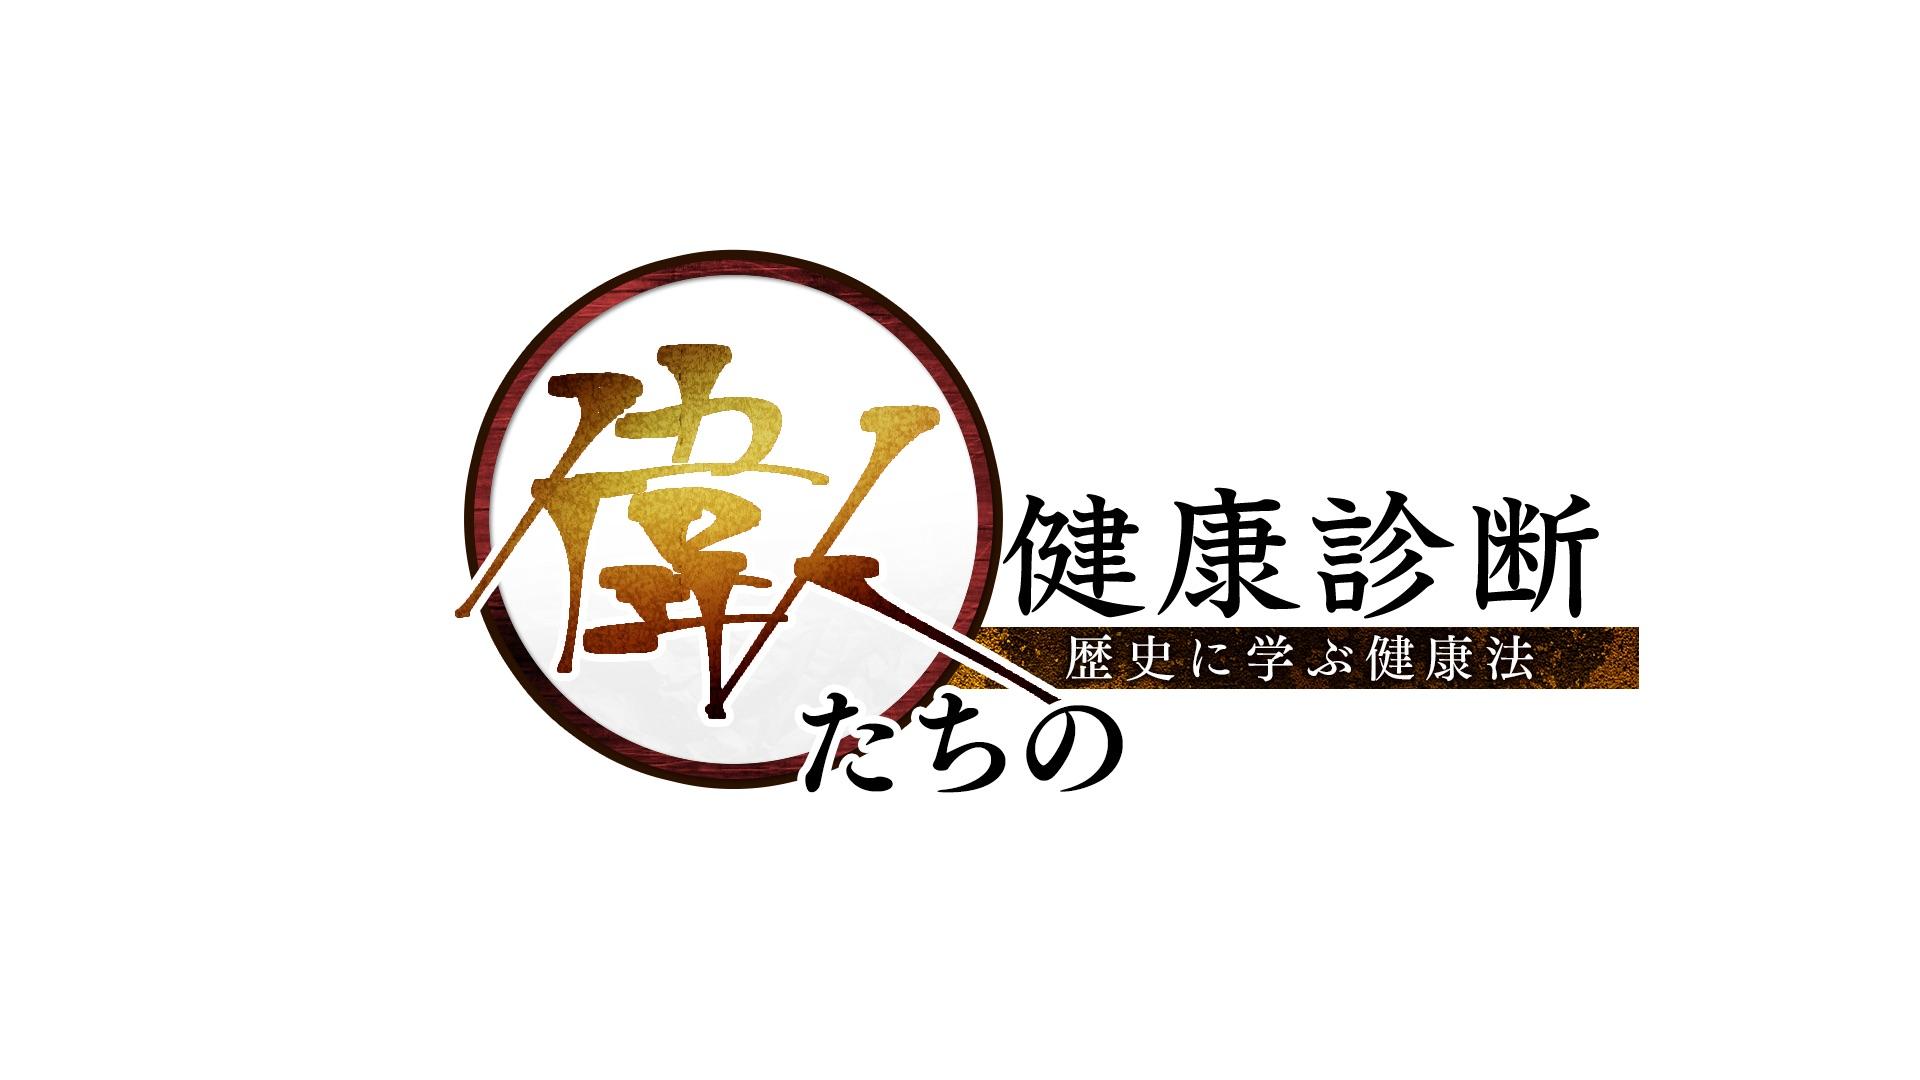 偉人たちの健康診断スペシャル「麒麟たちの健康問題」